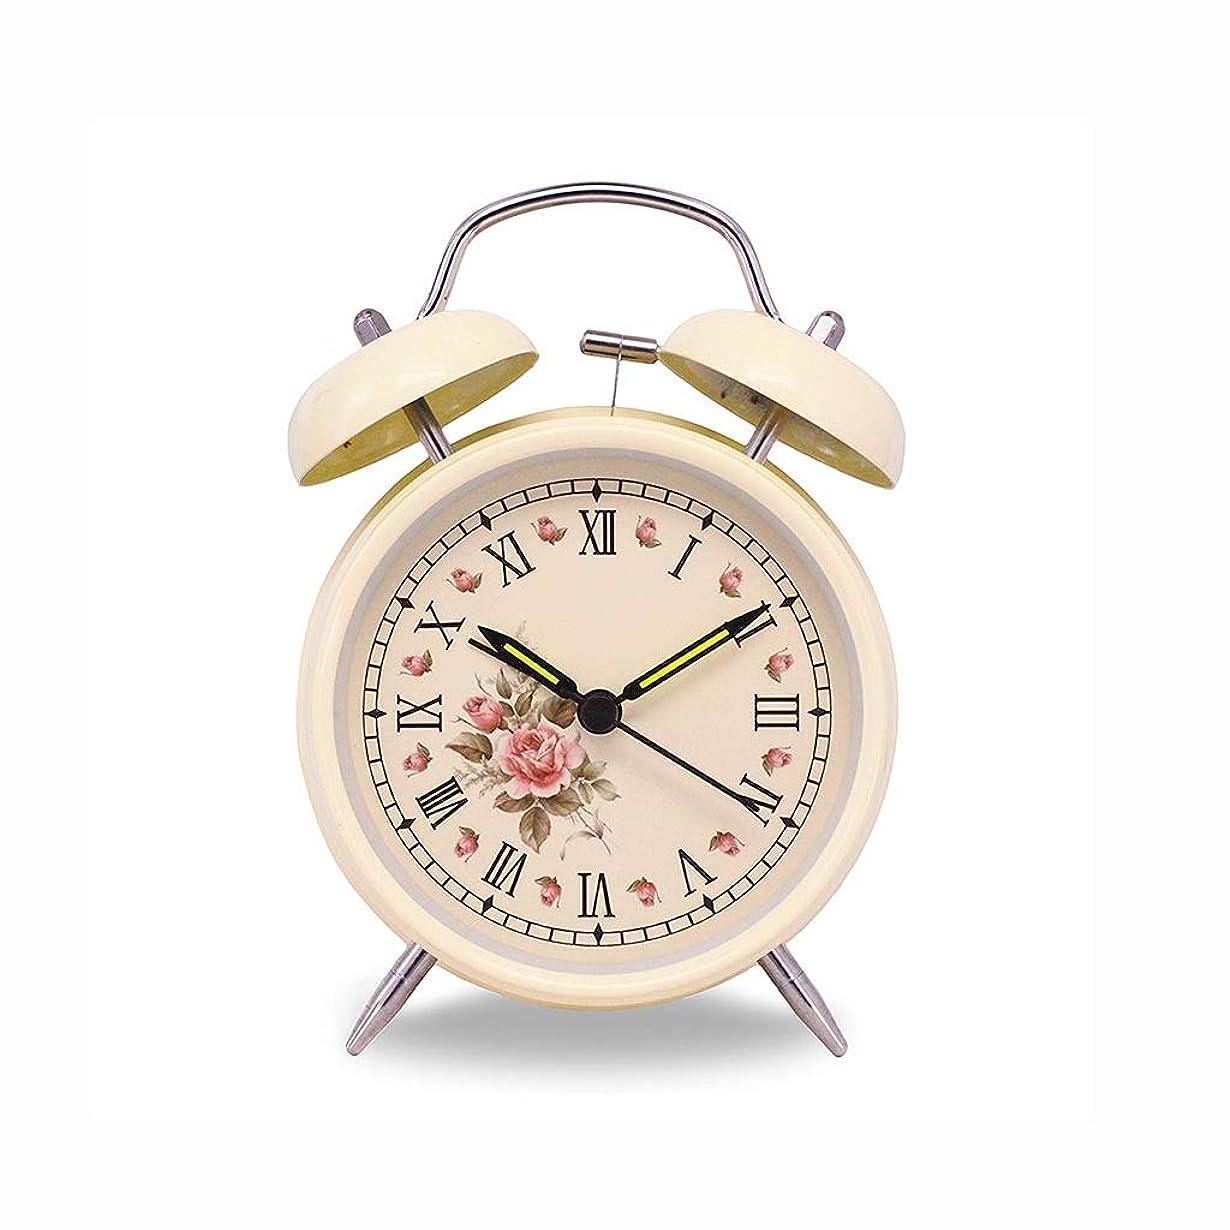 料理輸血耐久金属の目覚まし時計クリエイティブミュートナイトライト4インチスタイリッシュなシンプルなデジタル学生のベッドサイドの目覚まし時計怠惰